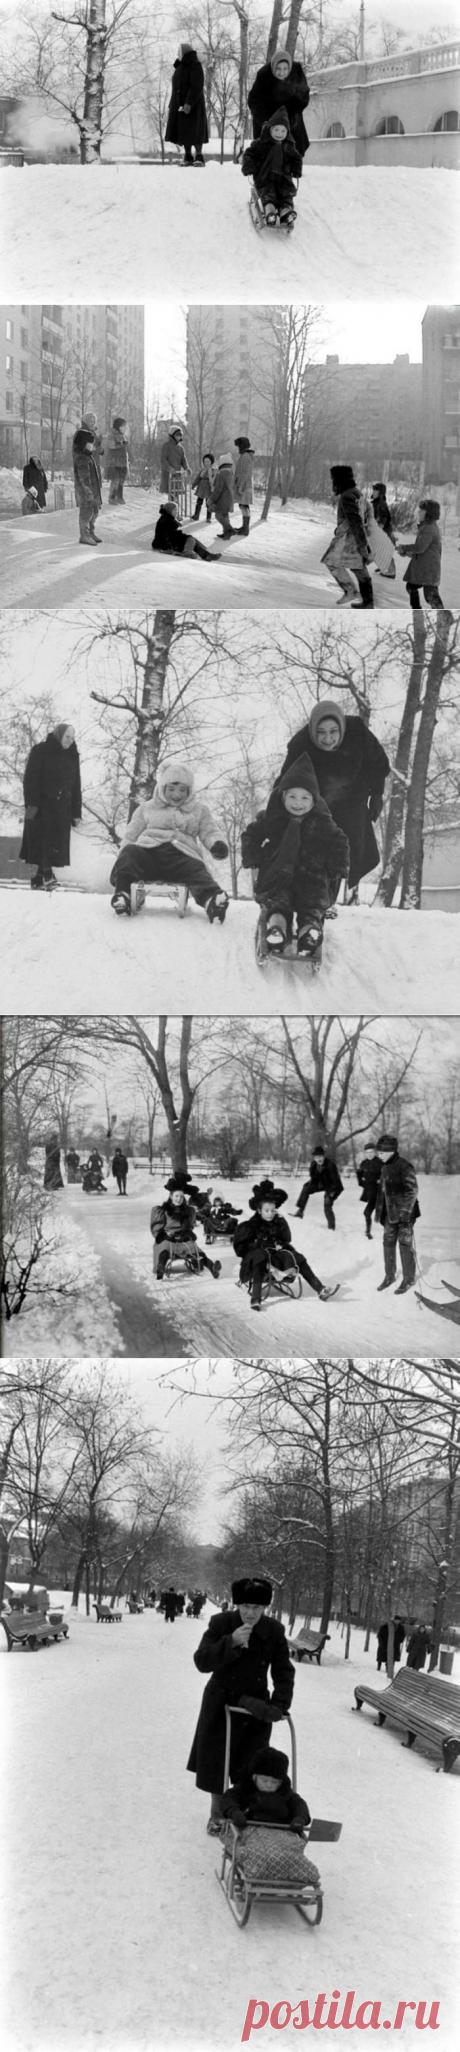 Зимние каникулы советских школьников / Назад в СССР / Back in USSR